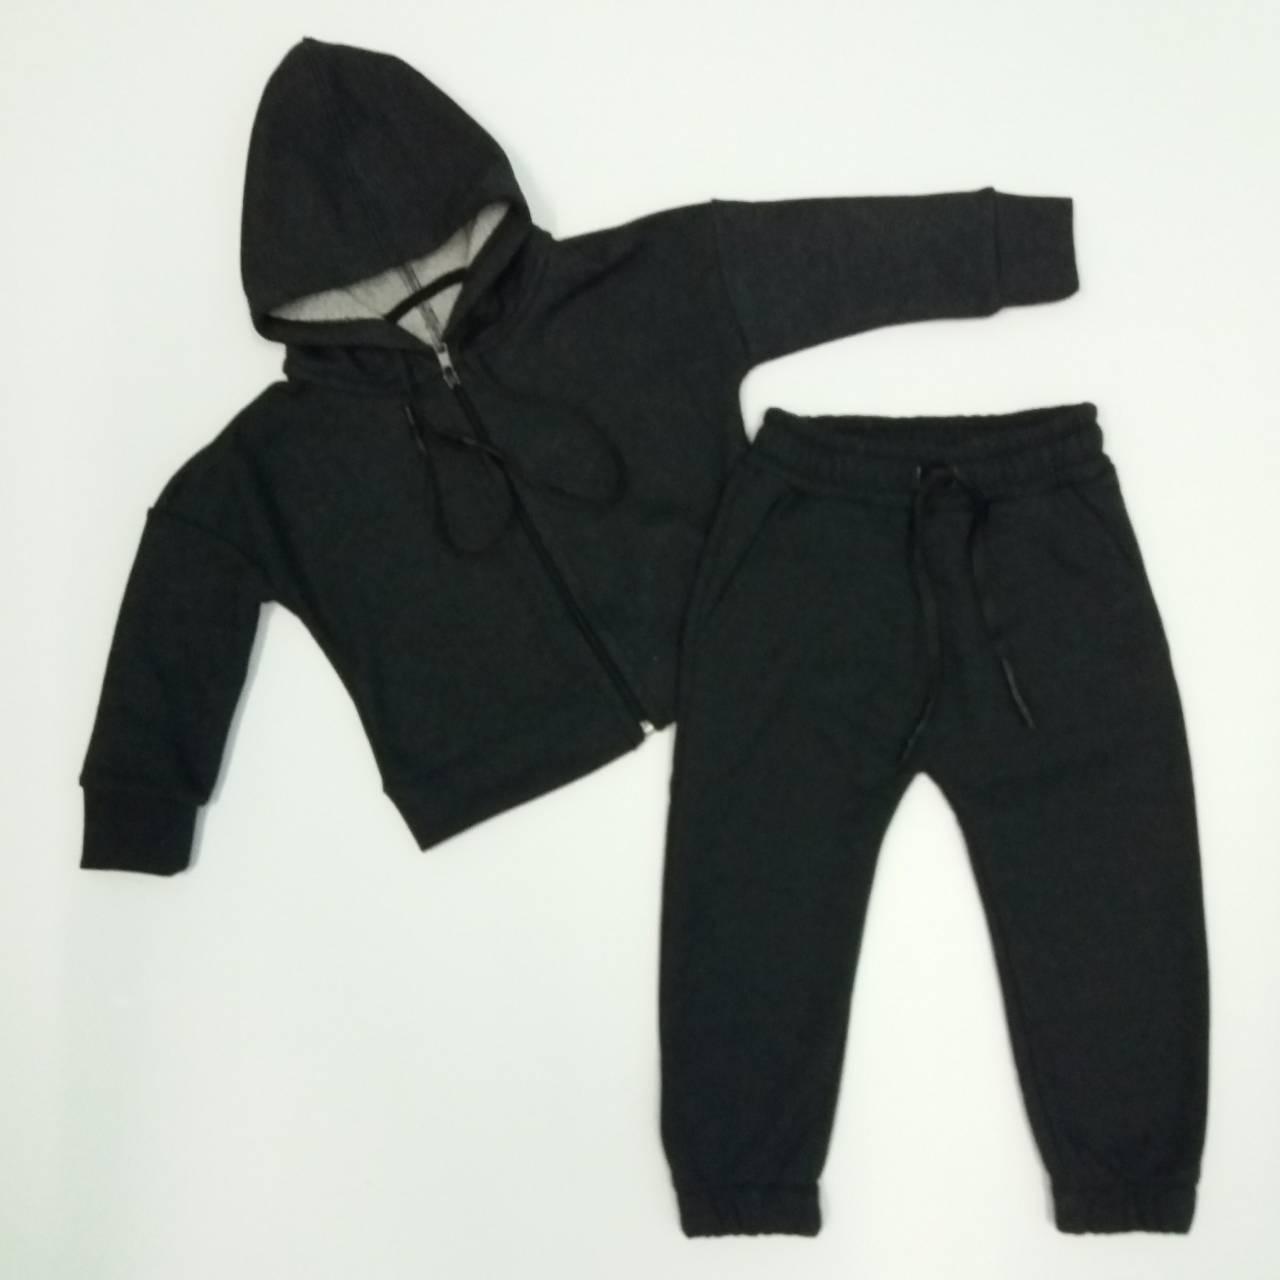 Спортивний костюм для хлопчика 2-6 років байка трьохнитка петельна